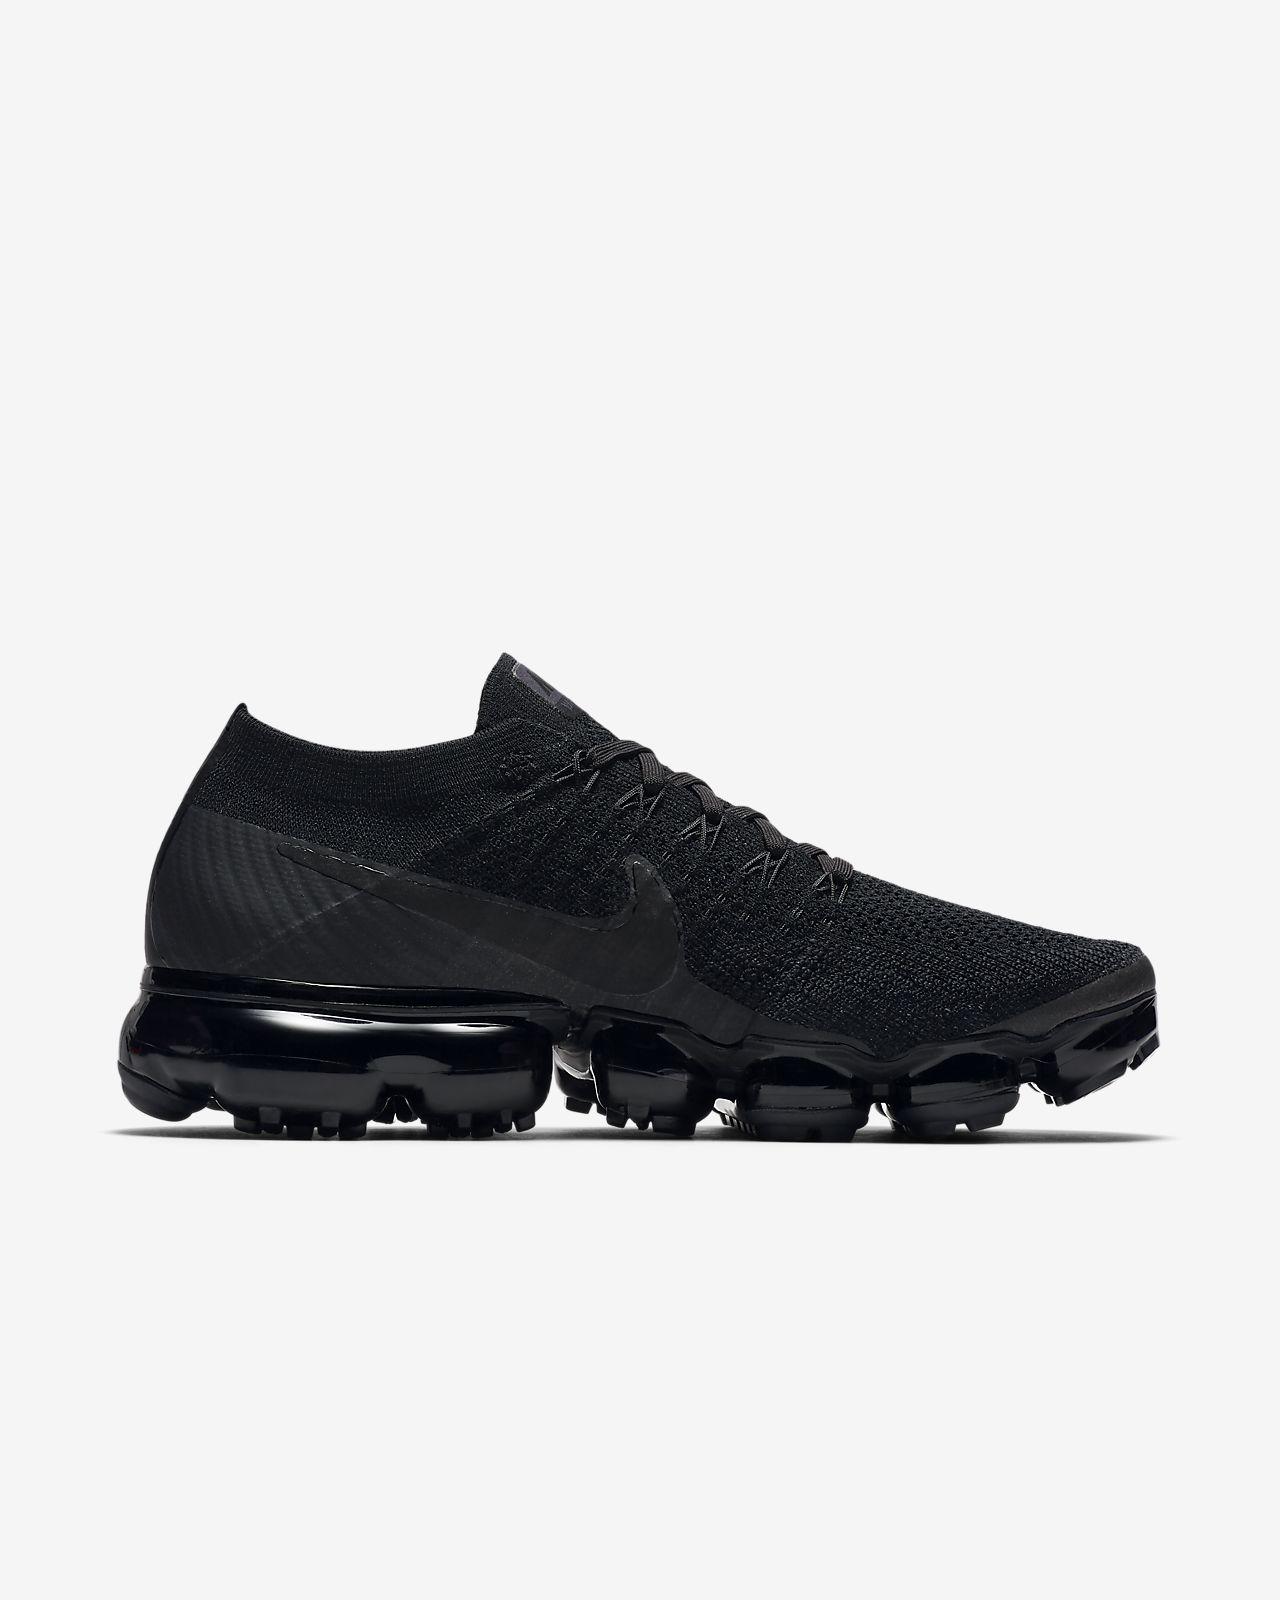 Comprar zapatos baratos Nike Air Vapormax Womens España_2551 Online